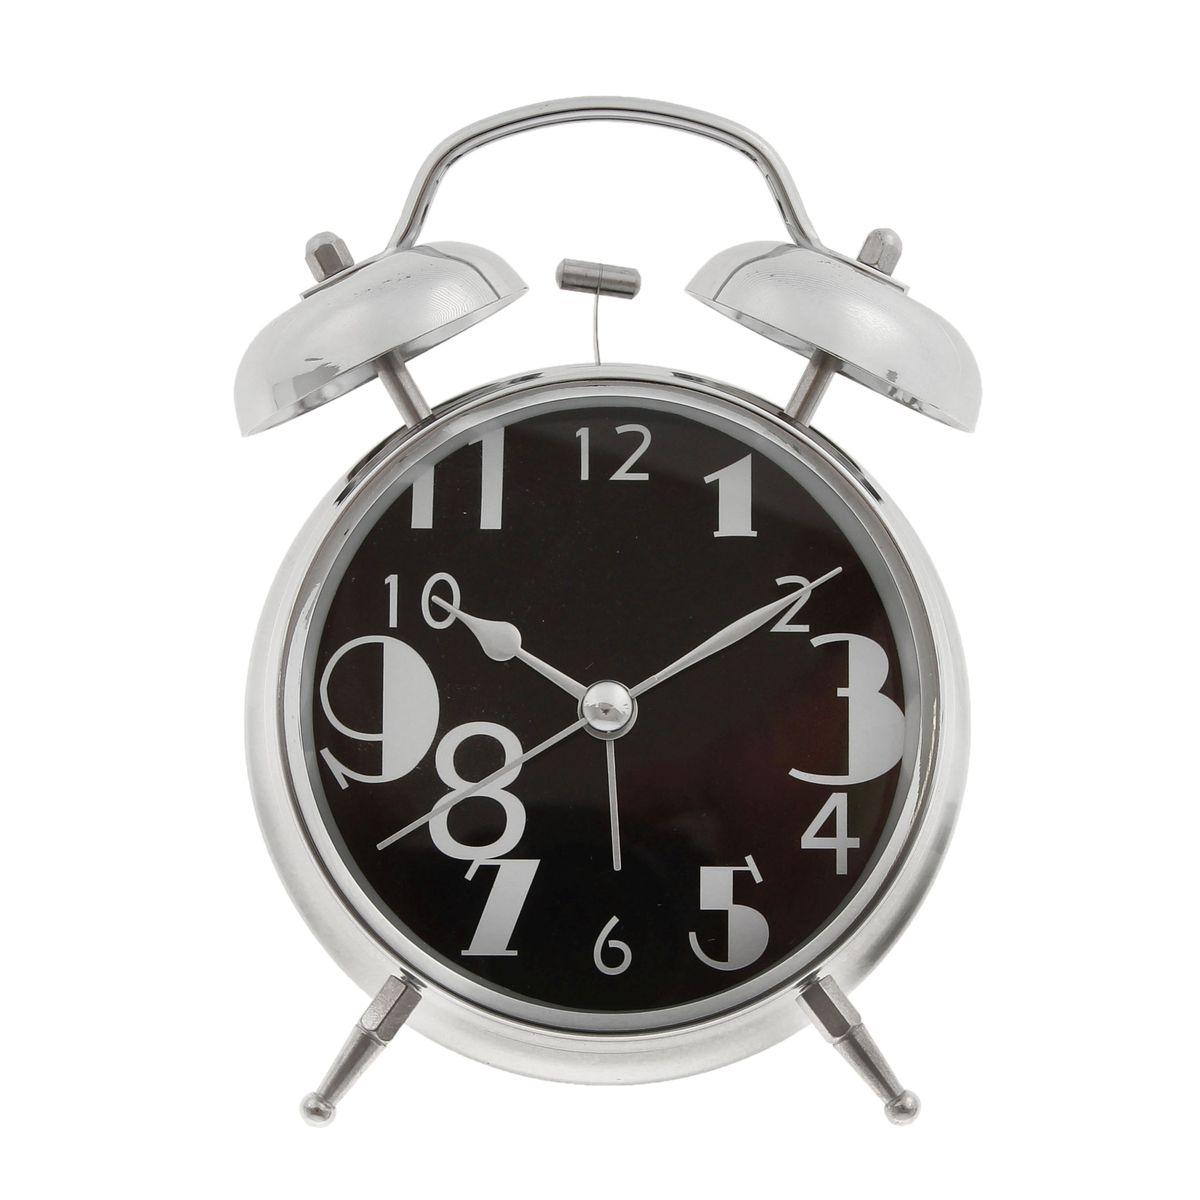 Часы-будильник Sima-land. 720850720850Как же сложно иногда вставать вовремя! Всегда так хочется поспать еще хотя бы 5 минут и бывает, что мы просыпаем. Теперь этого не случится! Яркий, оригинальный будильник Sima-land поможет вам всегда вставать в нужное время и успевать везде и всюду. Время показывает точно и будит в установленный час. Будильник украсит вашу комнату и приведет в восхищение друзей. На задней панели будильника расположены переключатель включения/выключения механизма и два колесика для настройки текущего времени и времени звонка будильника. Также будильник оснащен кнопкой, при нажатии и удержании которой, подсвечивается циферблат. Будильник работает от 2 батареек типа AA напряжением 1,5V (не входят в комплект).